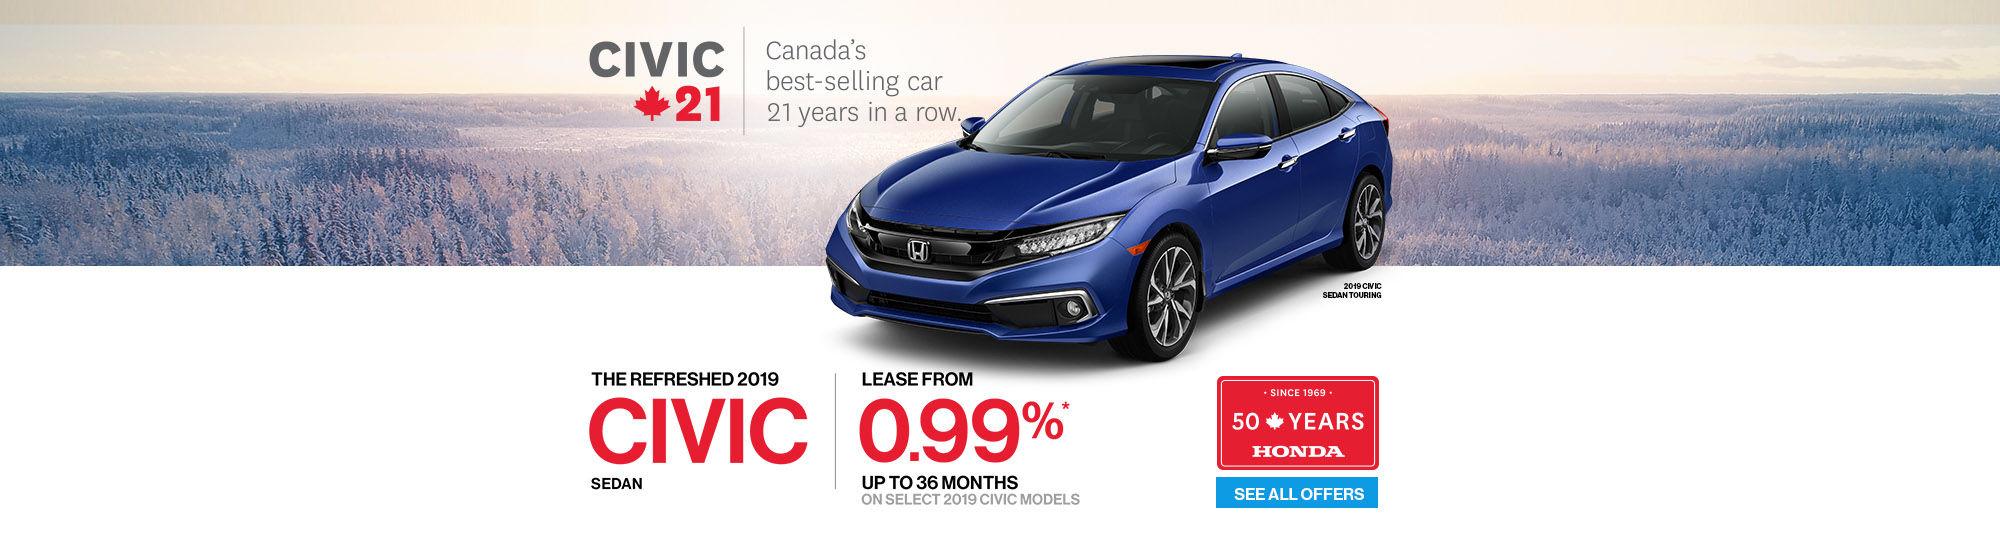 Honda 50 years